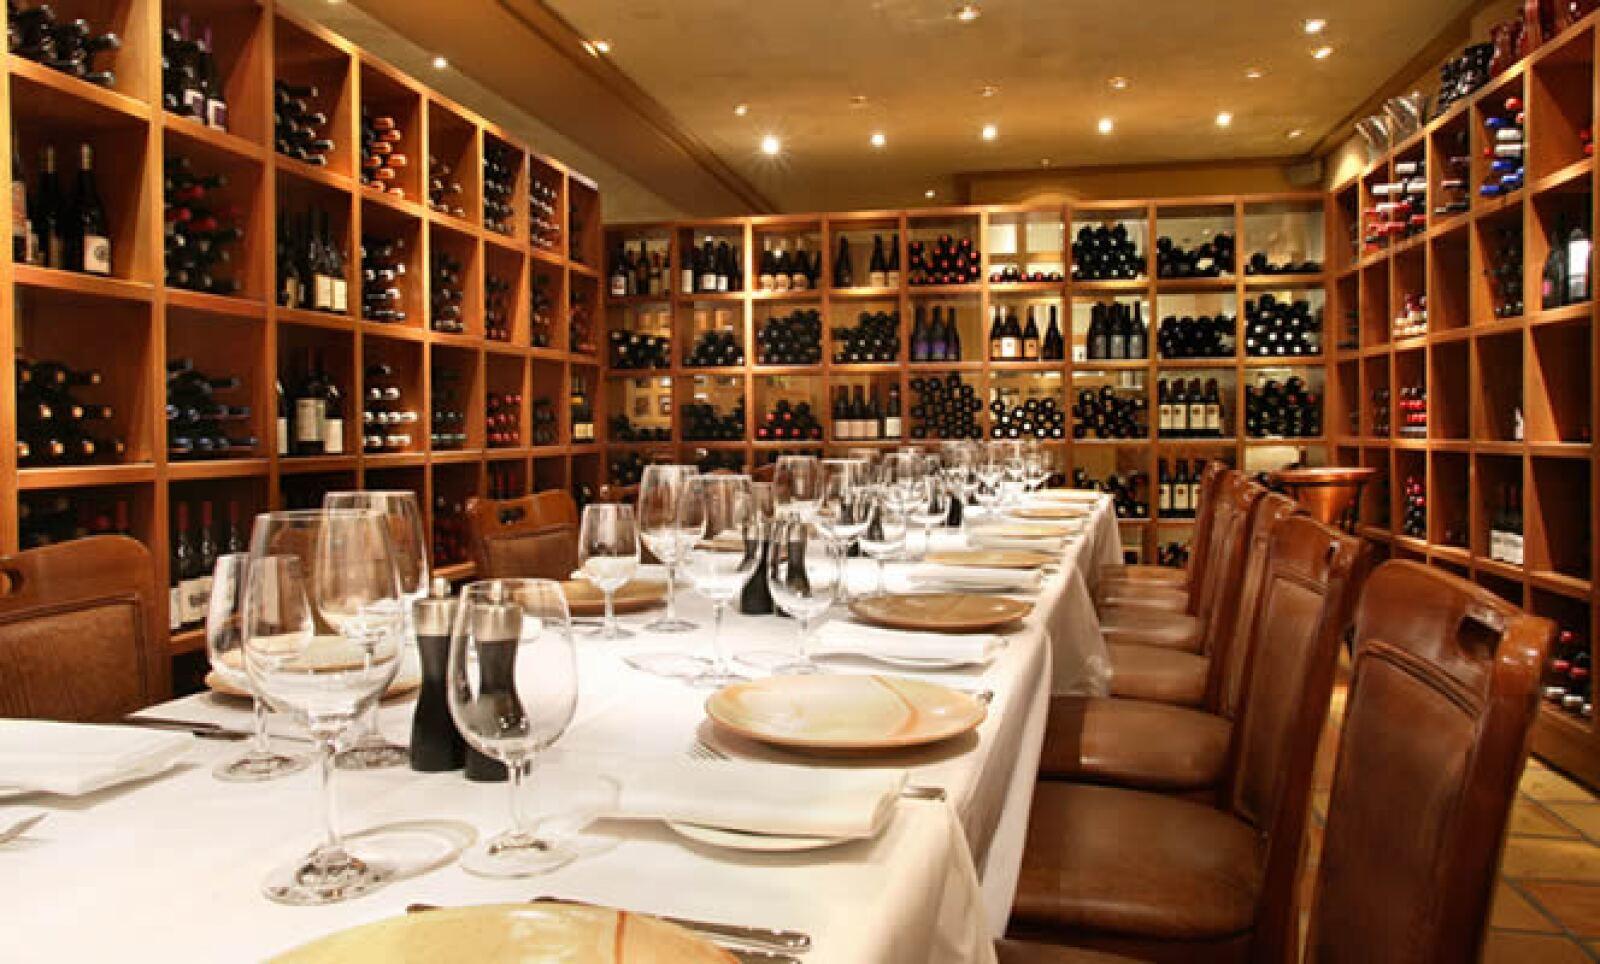 Al salir del spa, visita el restaurante Araxi, justo en el número 4222 del Village Square. Este comercio es reconocido por tener la cava de vinos más grande en Canadá. Si vas con la familia, te recomendamos el Araxi Three Tier Seafood Tower, una combinaci